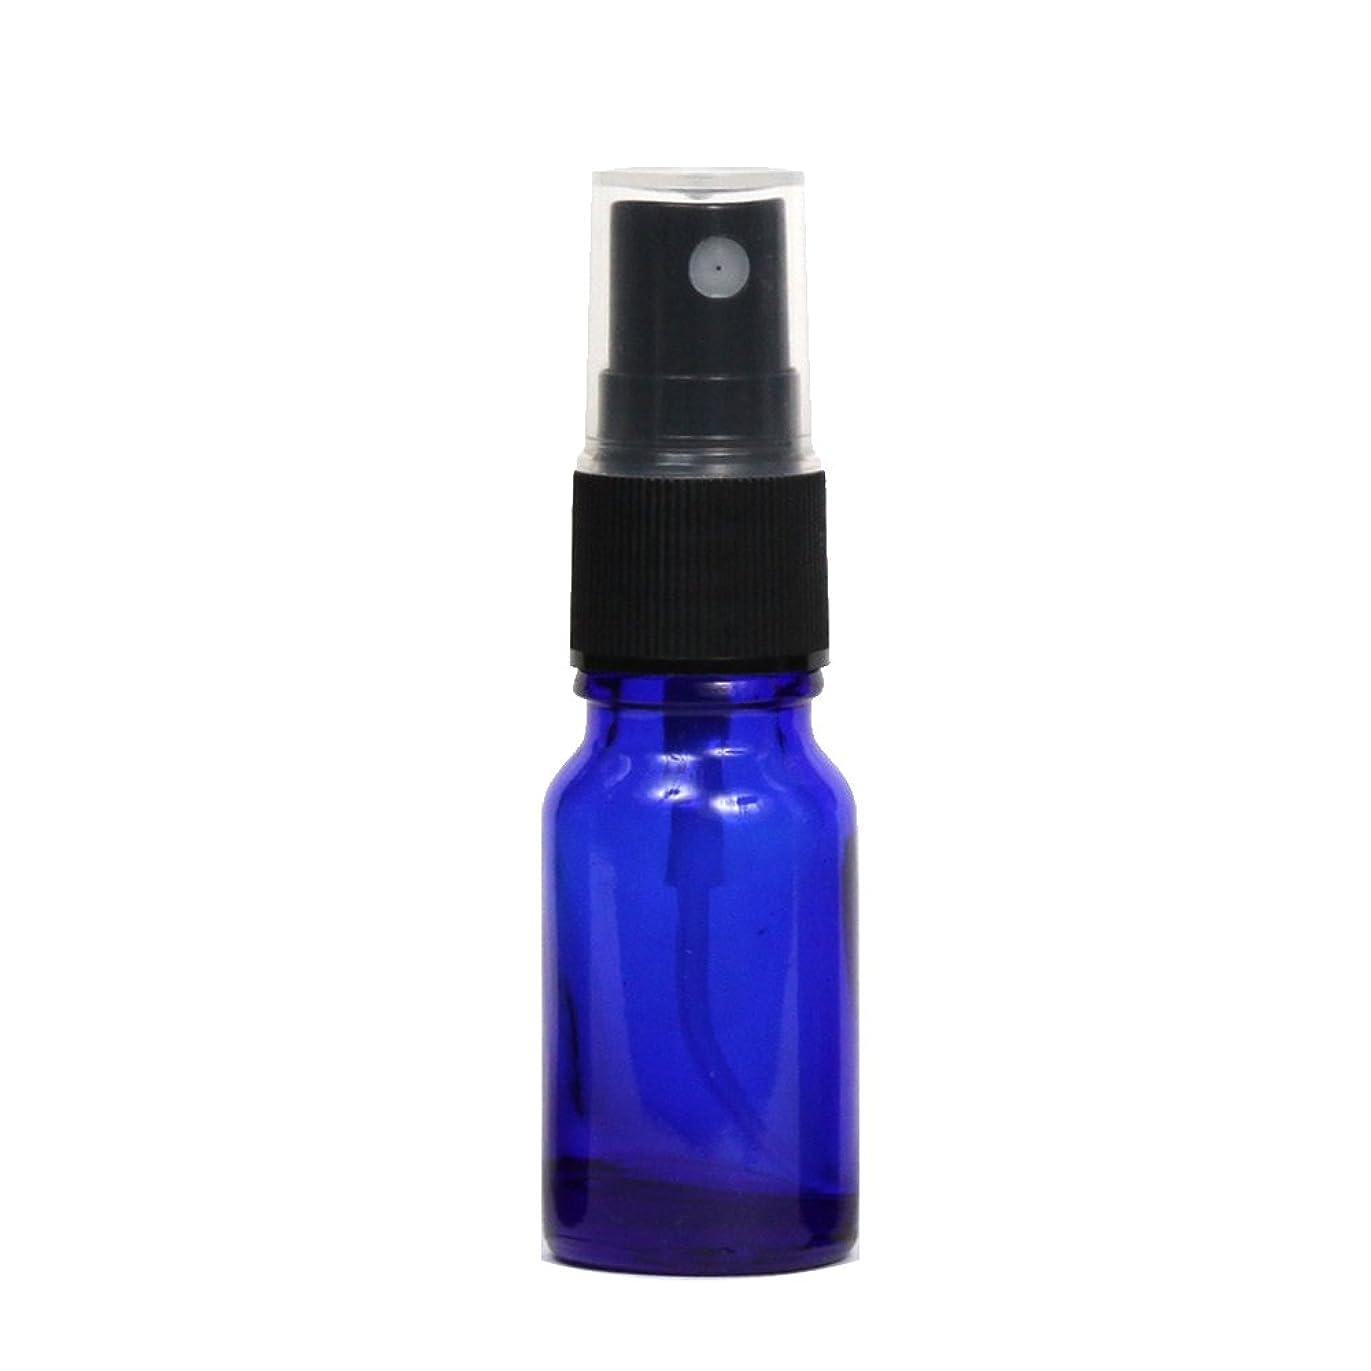 暫定気候の山マリンスプレーボトル ガラス瓶 10mL 遮光性ブルー ガラスアトマイザー 空容器